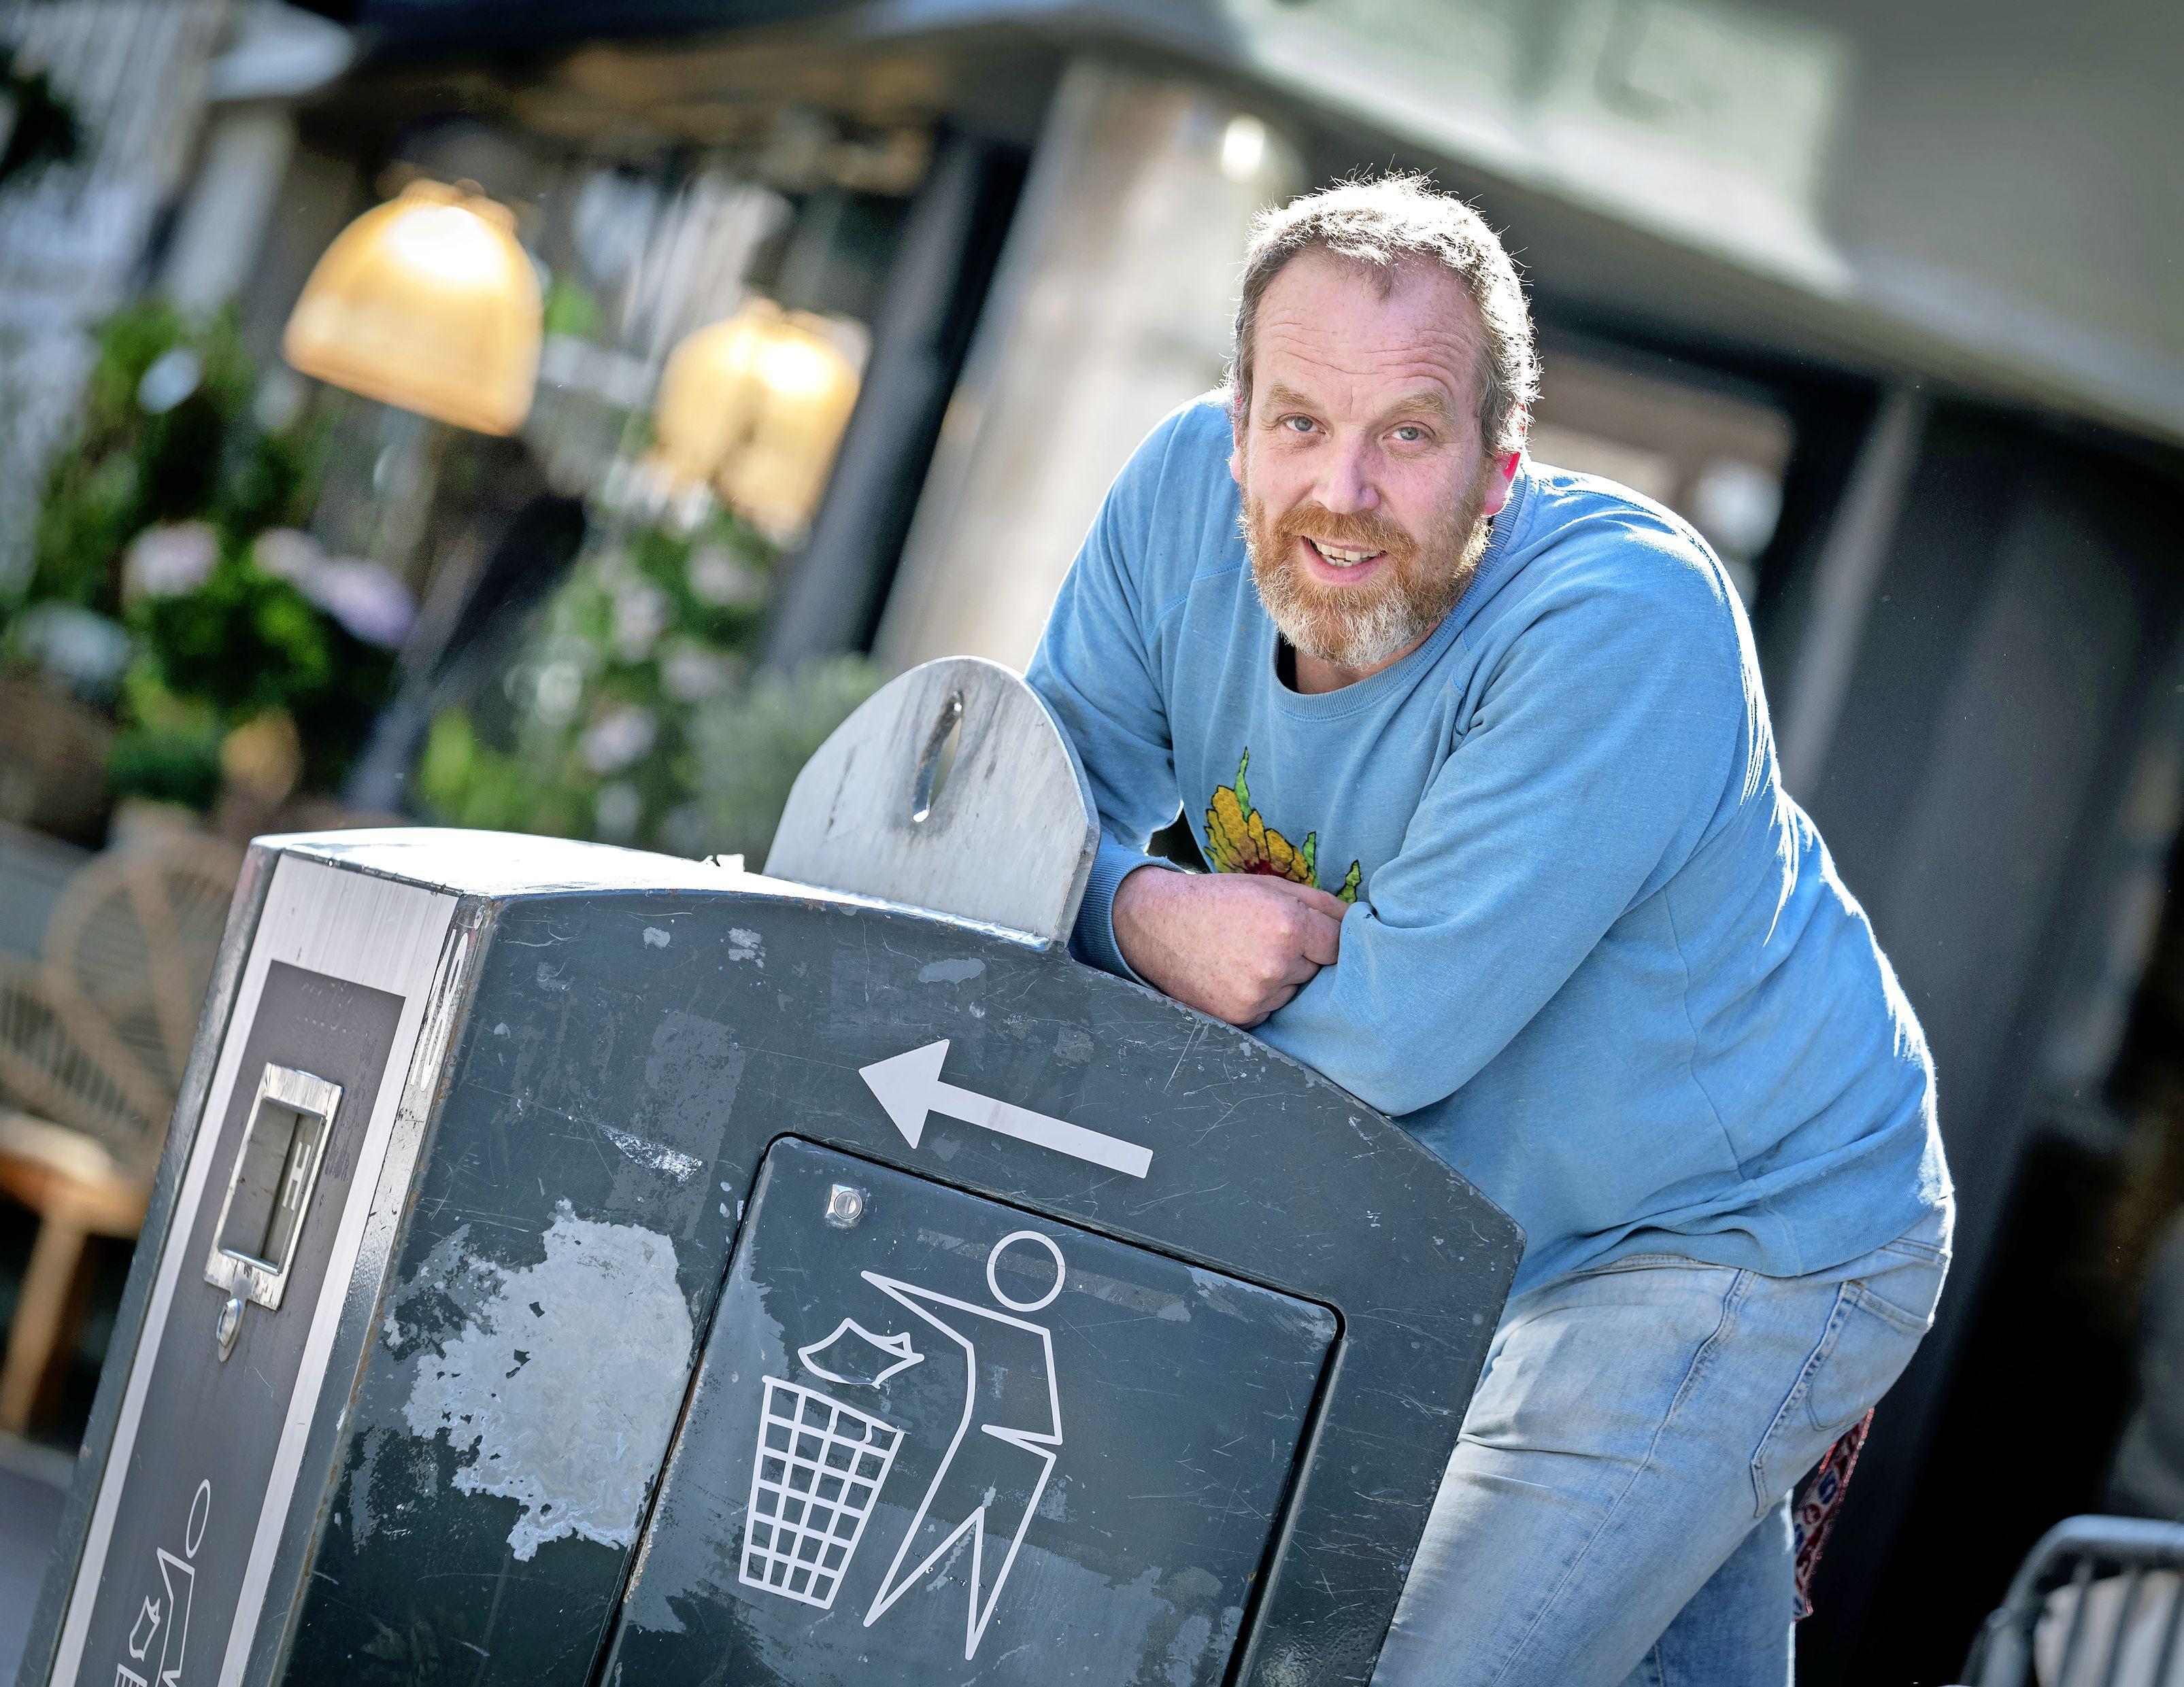 Bankstellen, portrettekeningen, hobbelpaarden en vooral veel strijkplanken: Bloemist Dennis fotografeert gedumpt afval naast containers